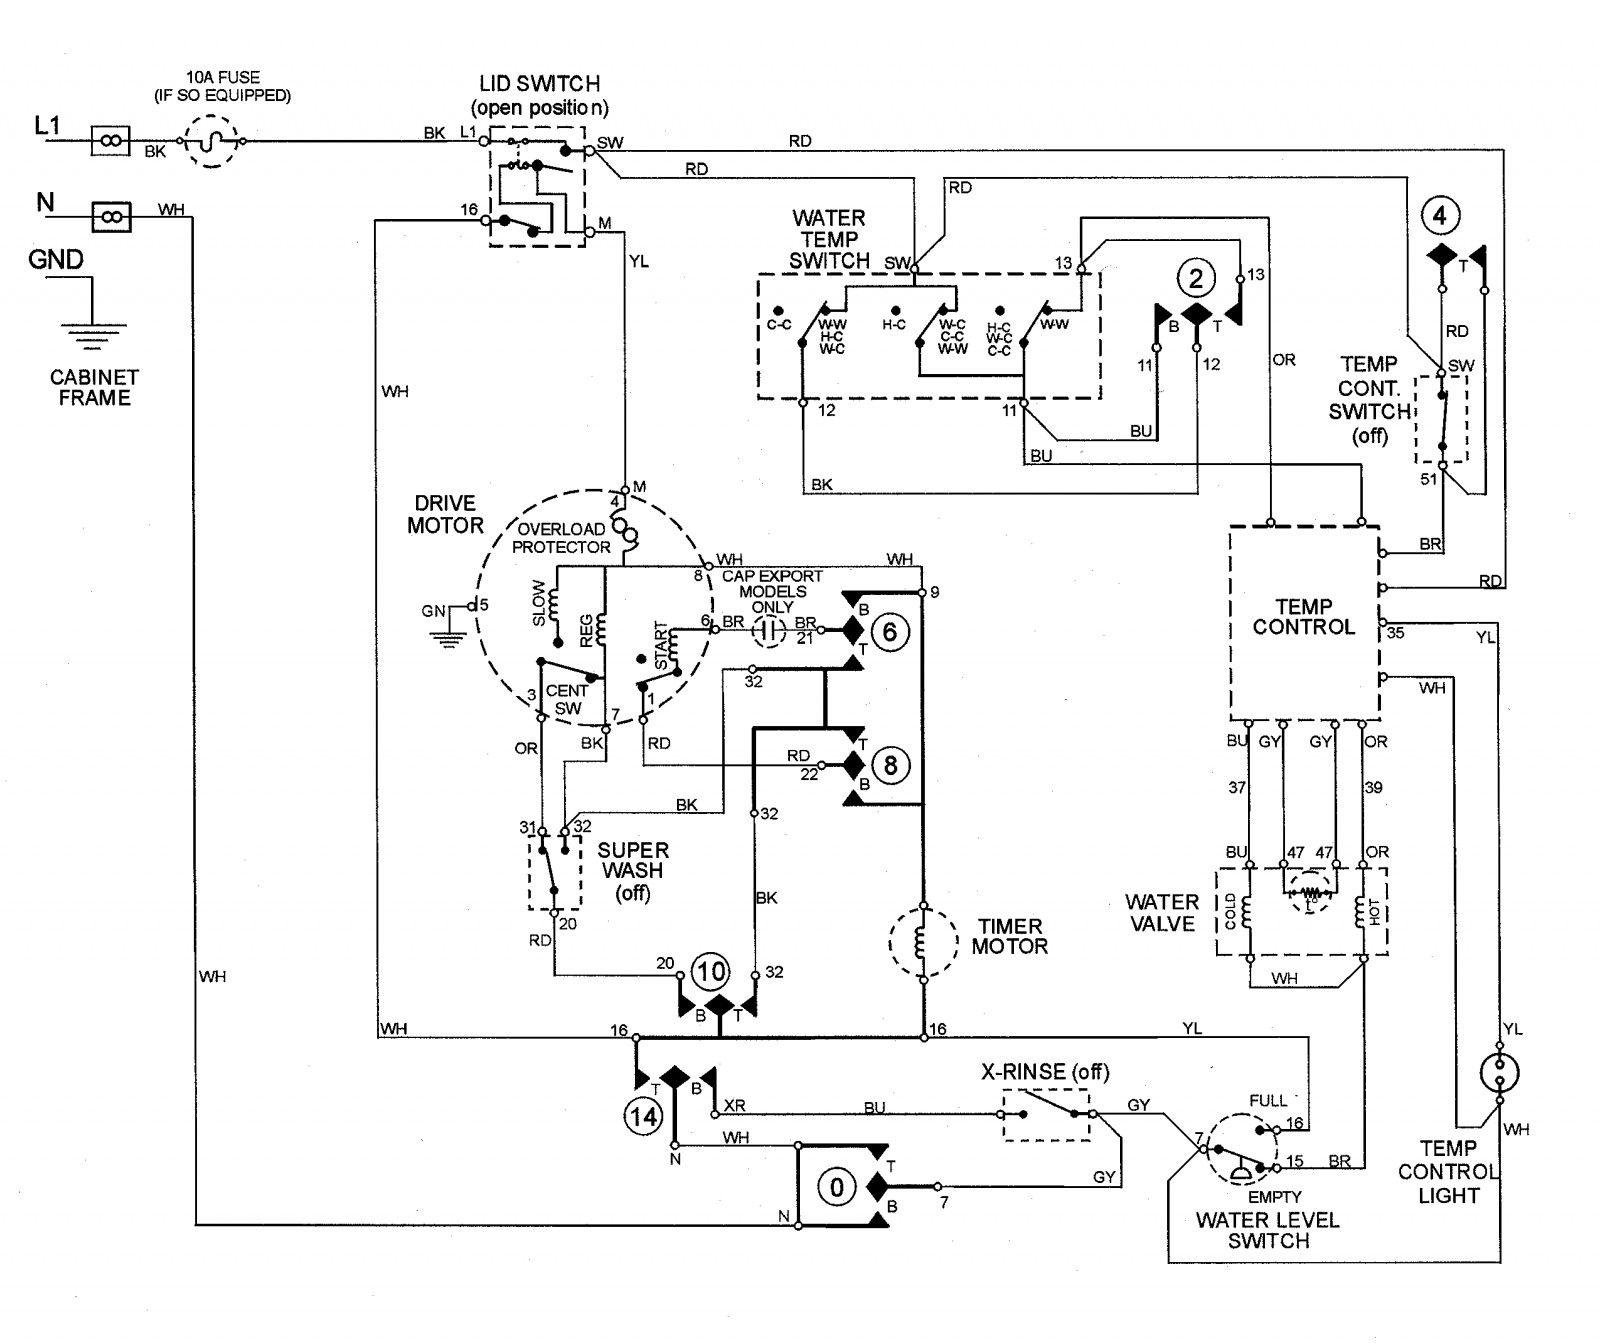 Ge Washer Motor Wiring Diagram in 2021 | Washing machine motor, Electric  dryers, Washing machine and dryer | Ge Wiring Diagram For Dishwasher |  | Pinterest